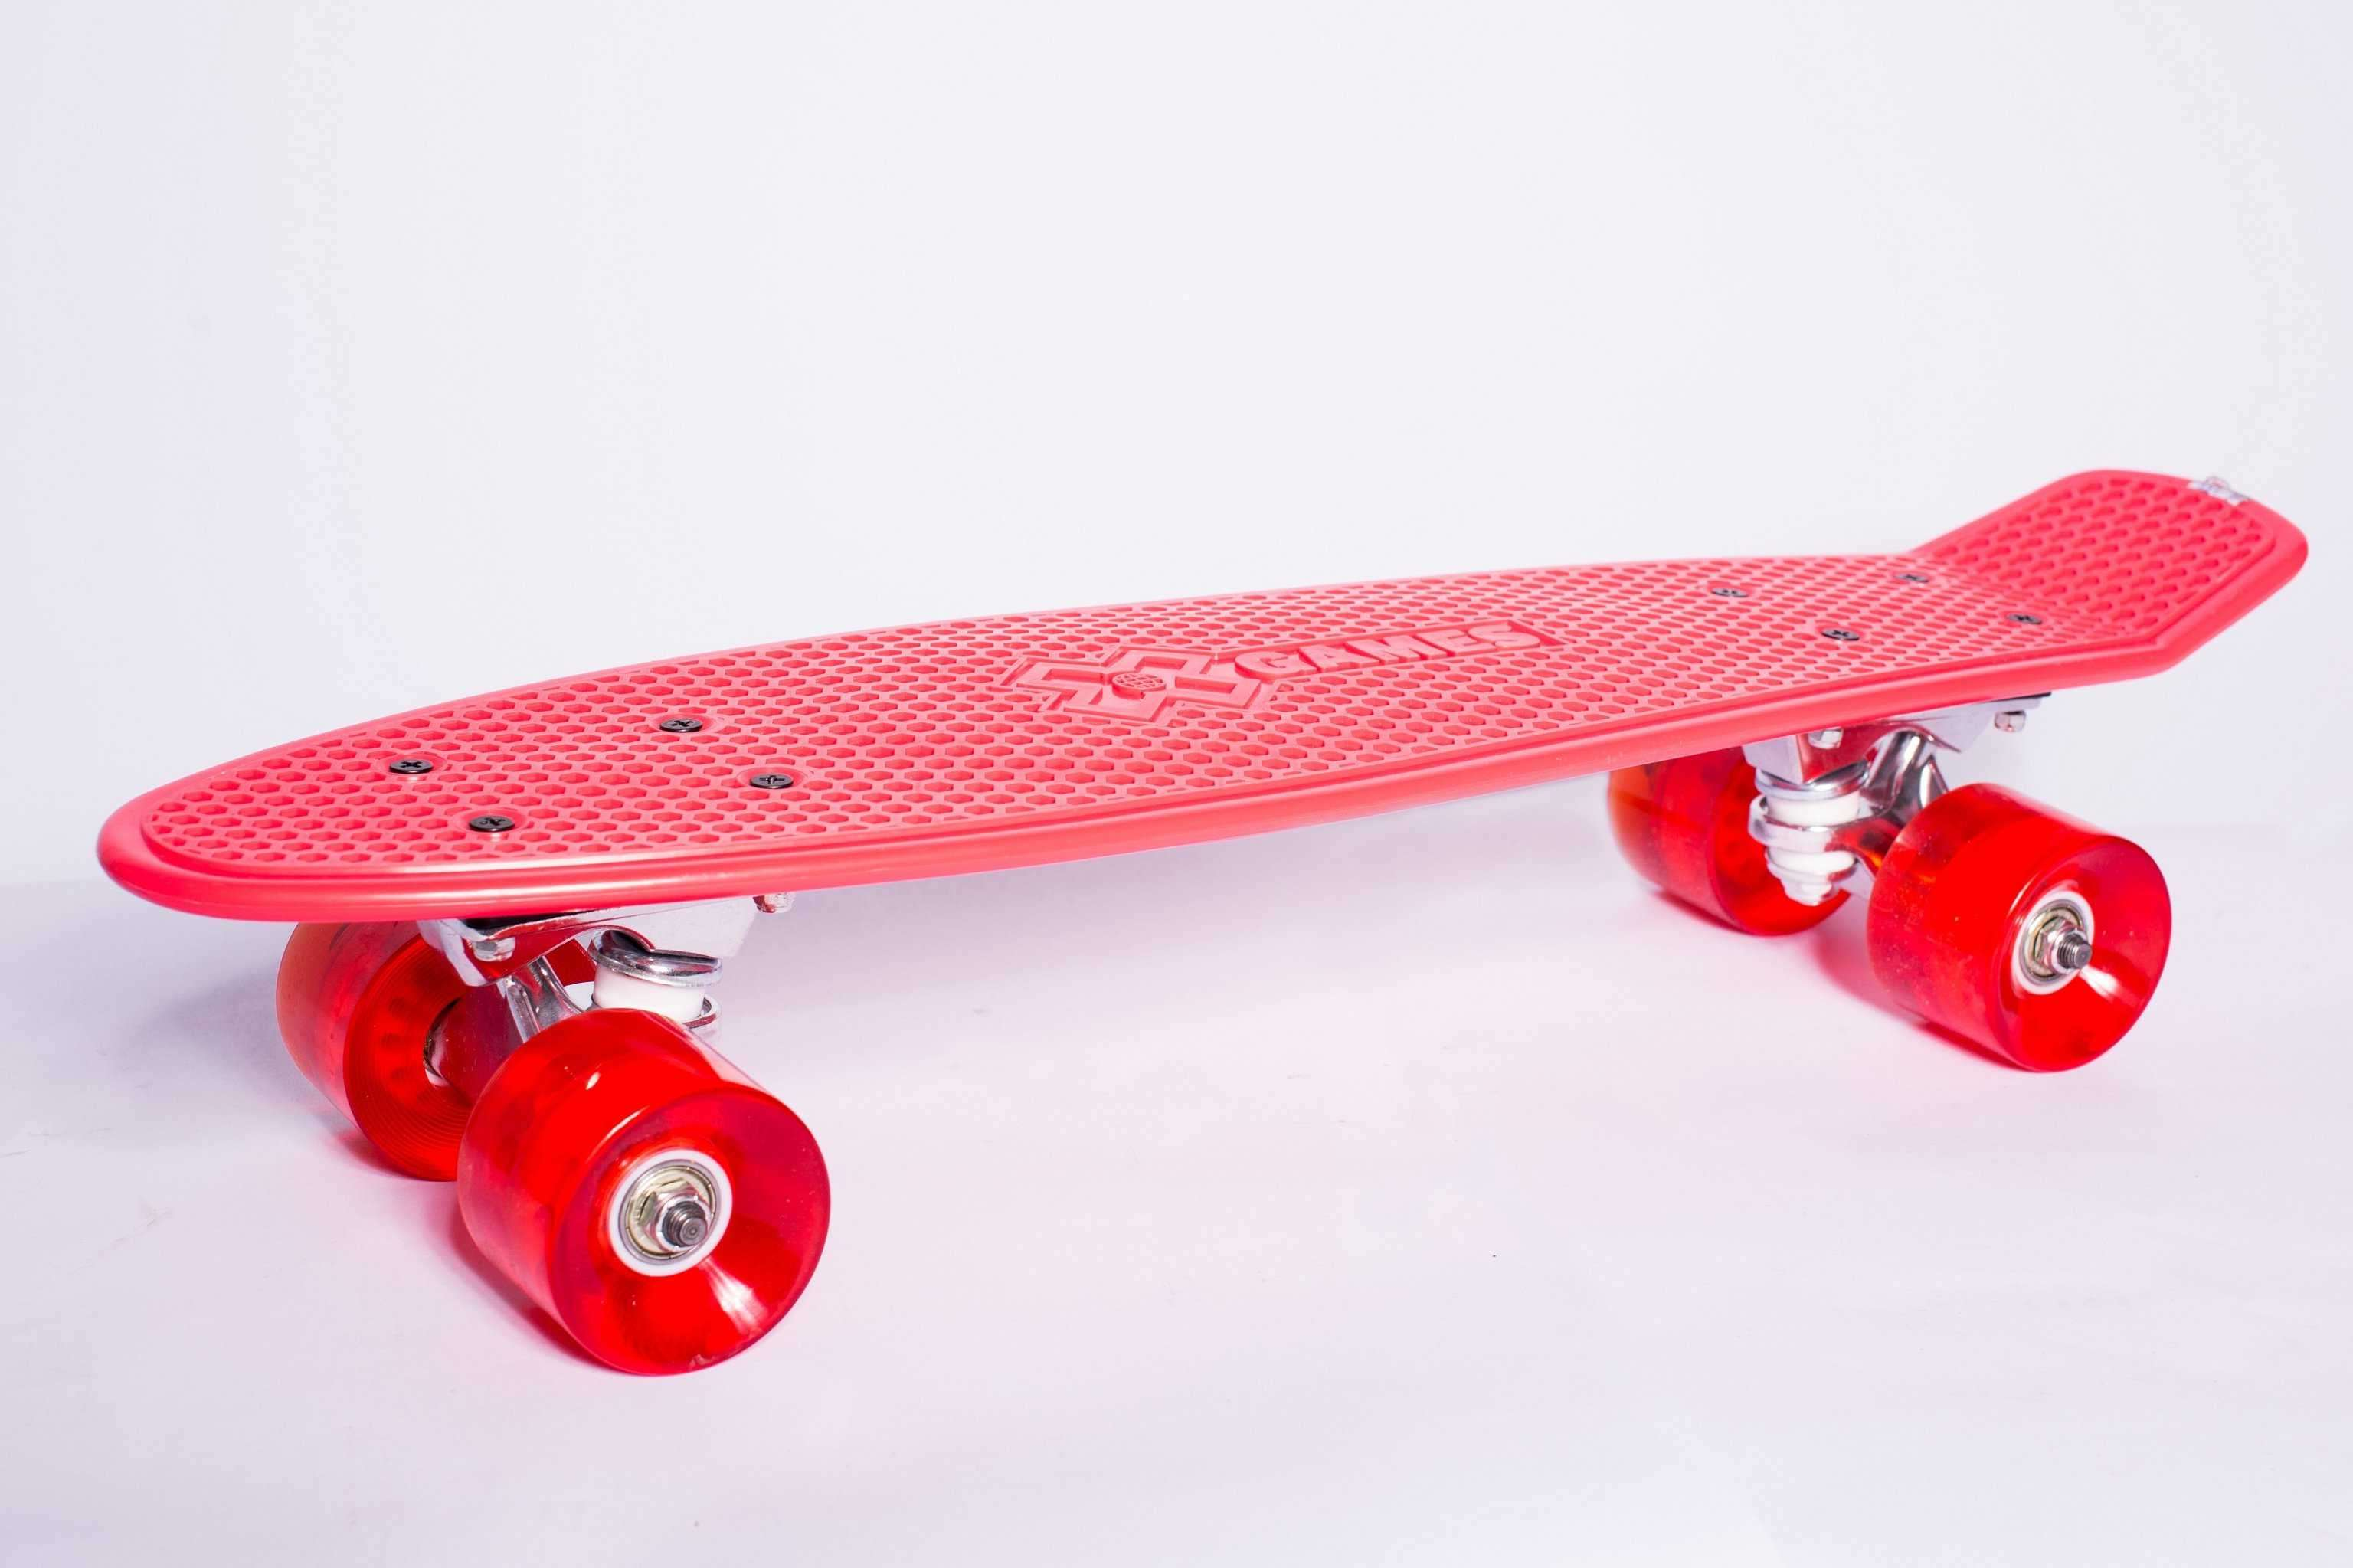 картинки маленький скейт страшные длинные колючки